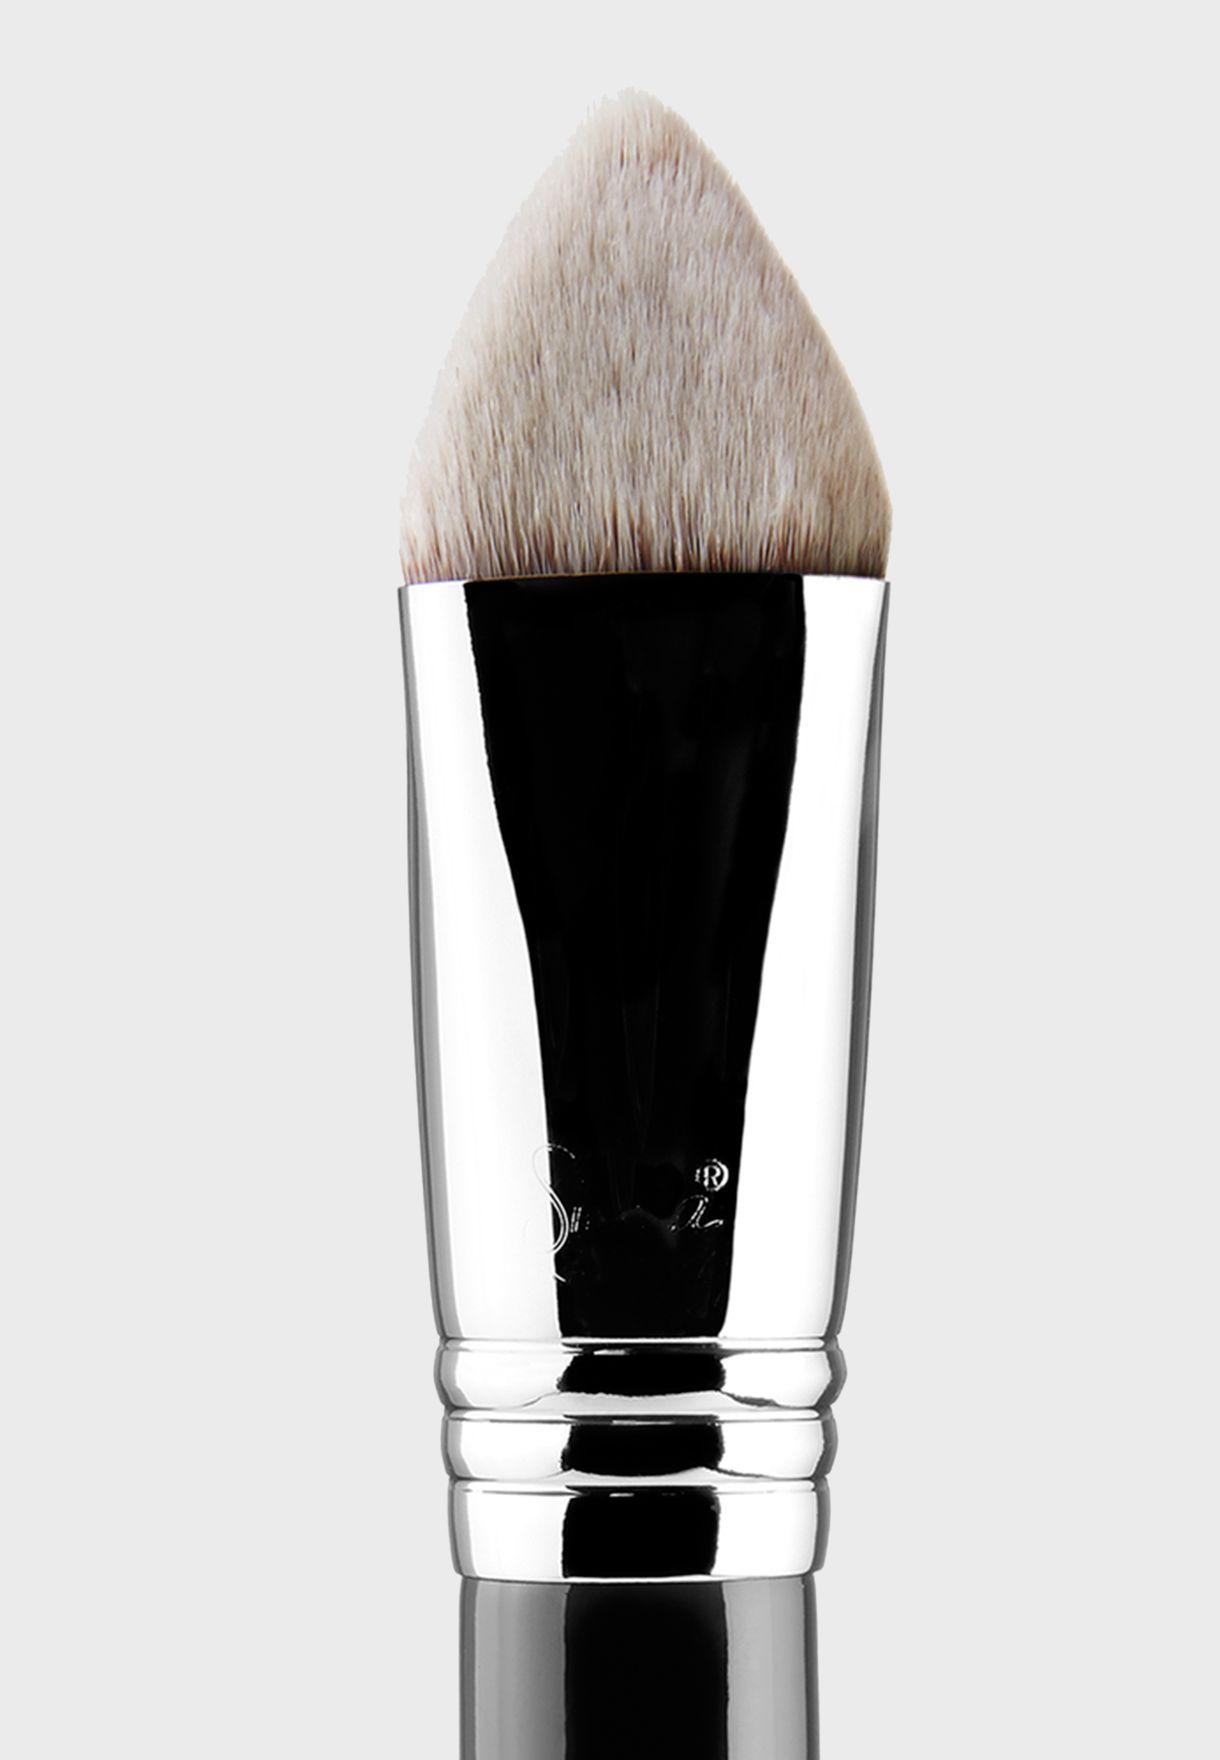 4 DHD Kabuki Brush